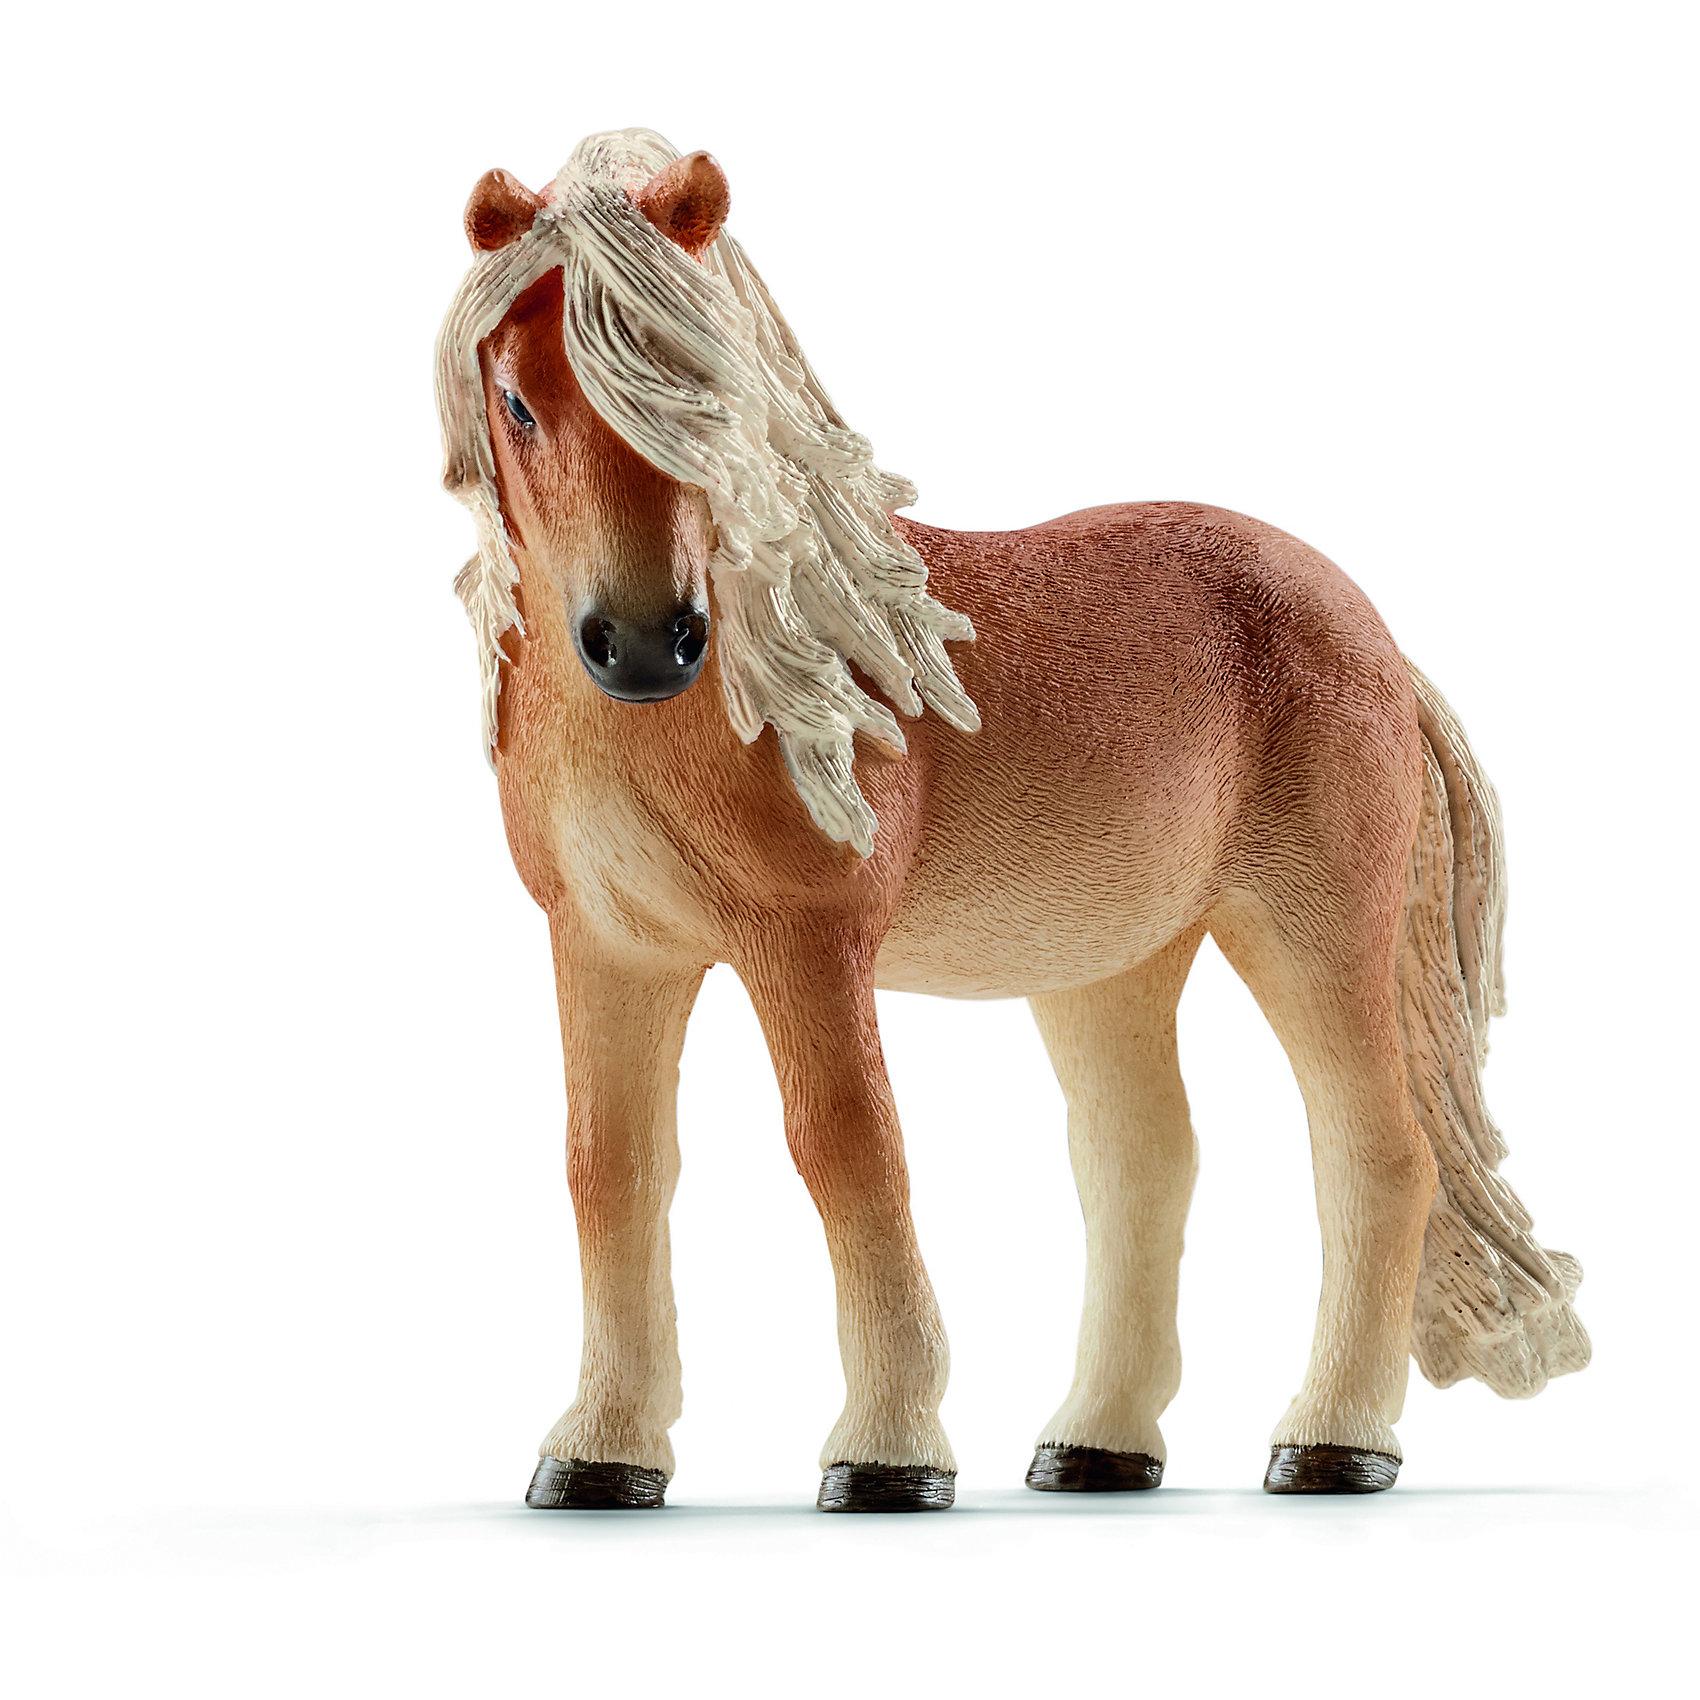 Исландский пони, SchleichИсландский пони, Schleich (Шляйх) – это высококачественная коллекционная и игровая фигурка.<br>Фигурка Исландского пони прекрасно разнообразит игру вашего ребенка и станет отличным пополнением коллекции его фигурок животных. Исландский пони - очень упорная, выносливая маленькой лошадка с очень уверенным шагом. Лошадей этой породы очень любят дети во всем мире. Благодаря небольшим размерам  их используются для обучения верховой езде. Несмотря на свой маленький рост, лошадка выглядит величественно. Фигурка исландского пони  выполнена в бежевом цвете. У нее - пушистый хвостик и красивая развивающаяся грива. <br><br>Прекрасно выполненные фигурки Schleich (Шляйх) являются максимально точной копией настоящих животных и отличаются высочайшим качеством игрушек ручной работы. Каждая фигурка разработана с учетом исследований в области педагогики и производится как настоящее произведение для маленьких детских ручек. Все фигурки Schleich (Шляйх) сделаны из гипоаллергенных высокотехнологичных материалов, раскрашены вручную и не вызывают аллергии у ребенка.<br><br>Дополнительная информация:<br><br>- Размер фигурки: 9,1 x 8 x 4 см.<br>- Материал: высококачественный каучуковый пластик<br><br>Фигурку Исландского пони, Schleich (Шляйх) можно купить в нашем интернет-магазине.<br><br>Ширина мм: 117<br>Глубина мм: 96<br>Высота мм: 40<br>Вес г: 97<br>Возраст от месяцев: 36<br>Возраст до месяцев: 96<br>Пол: Женский<br>Возраст: Детский<br>SKU: 3902511